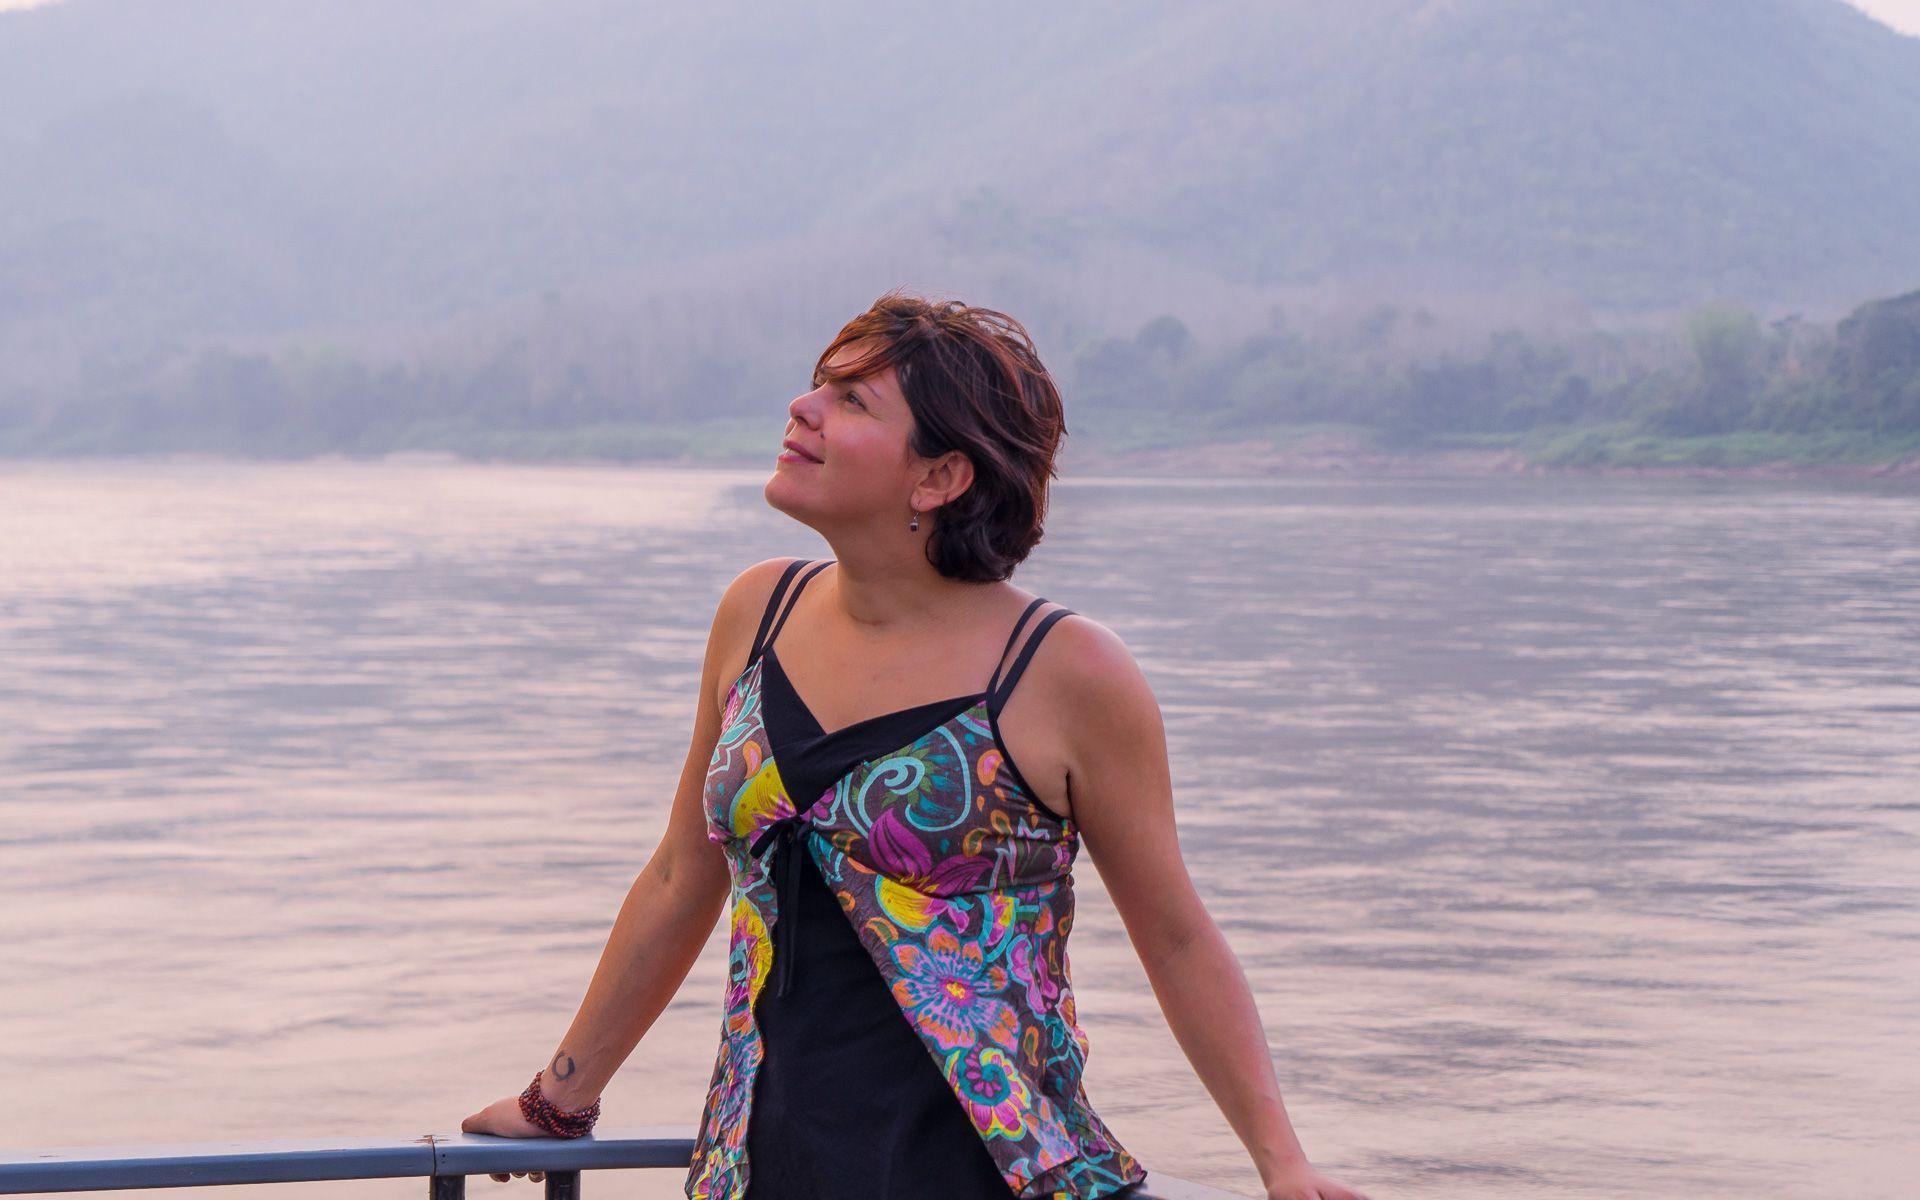 Lesvoyageuses-voyager-au-laos-luang-prabang-croisiere-mekong-31